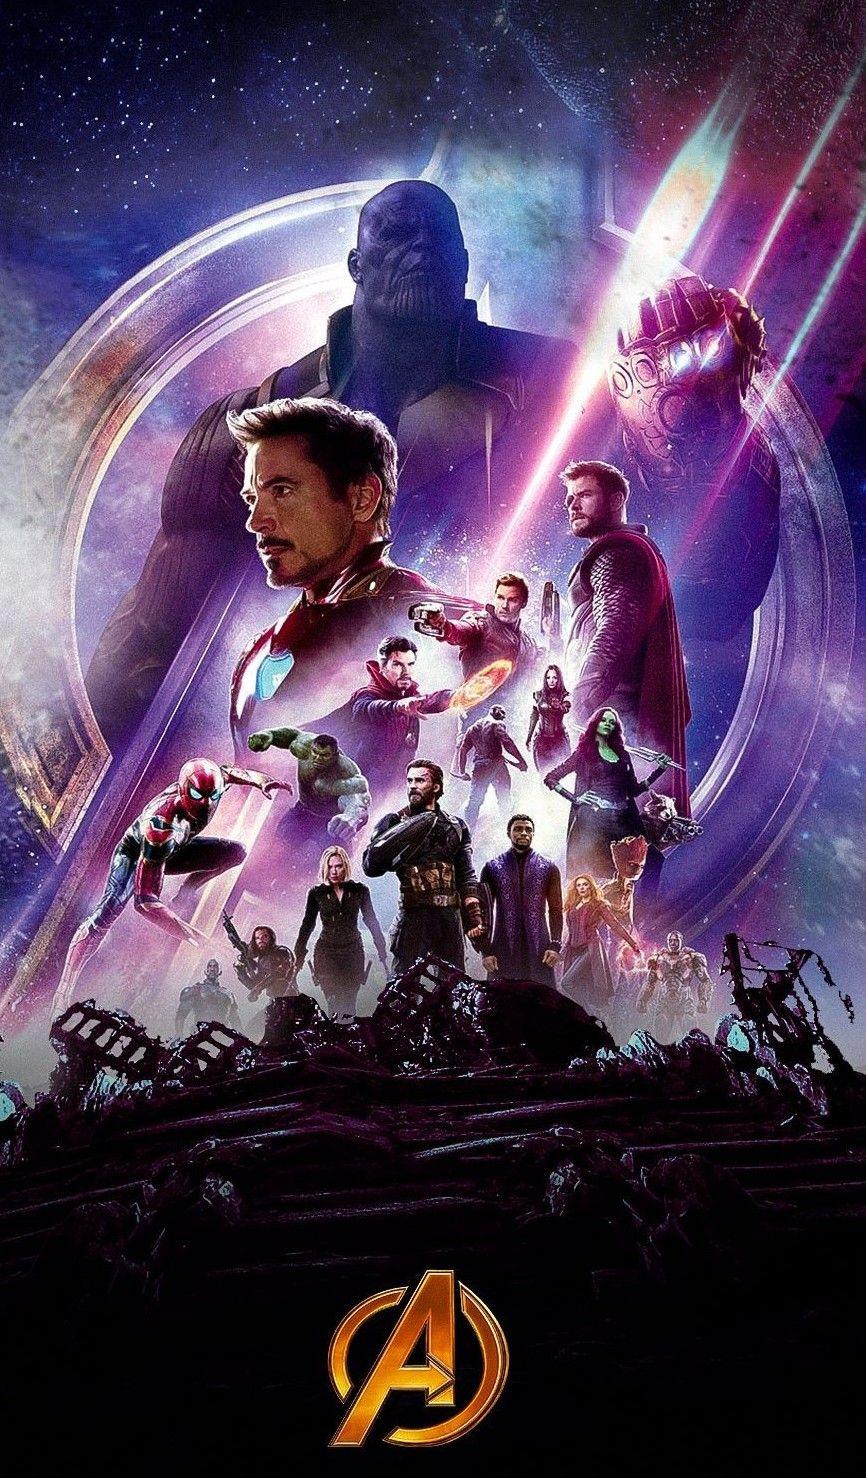 hinh-nen-avengers-infinity-full-hd-3